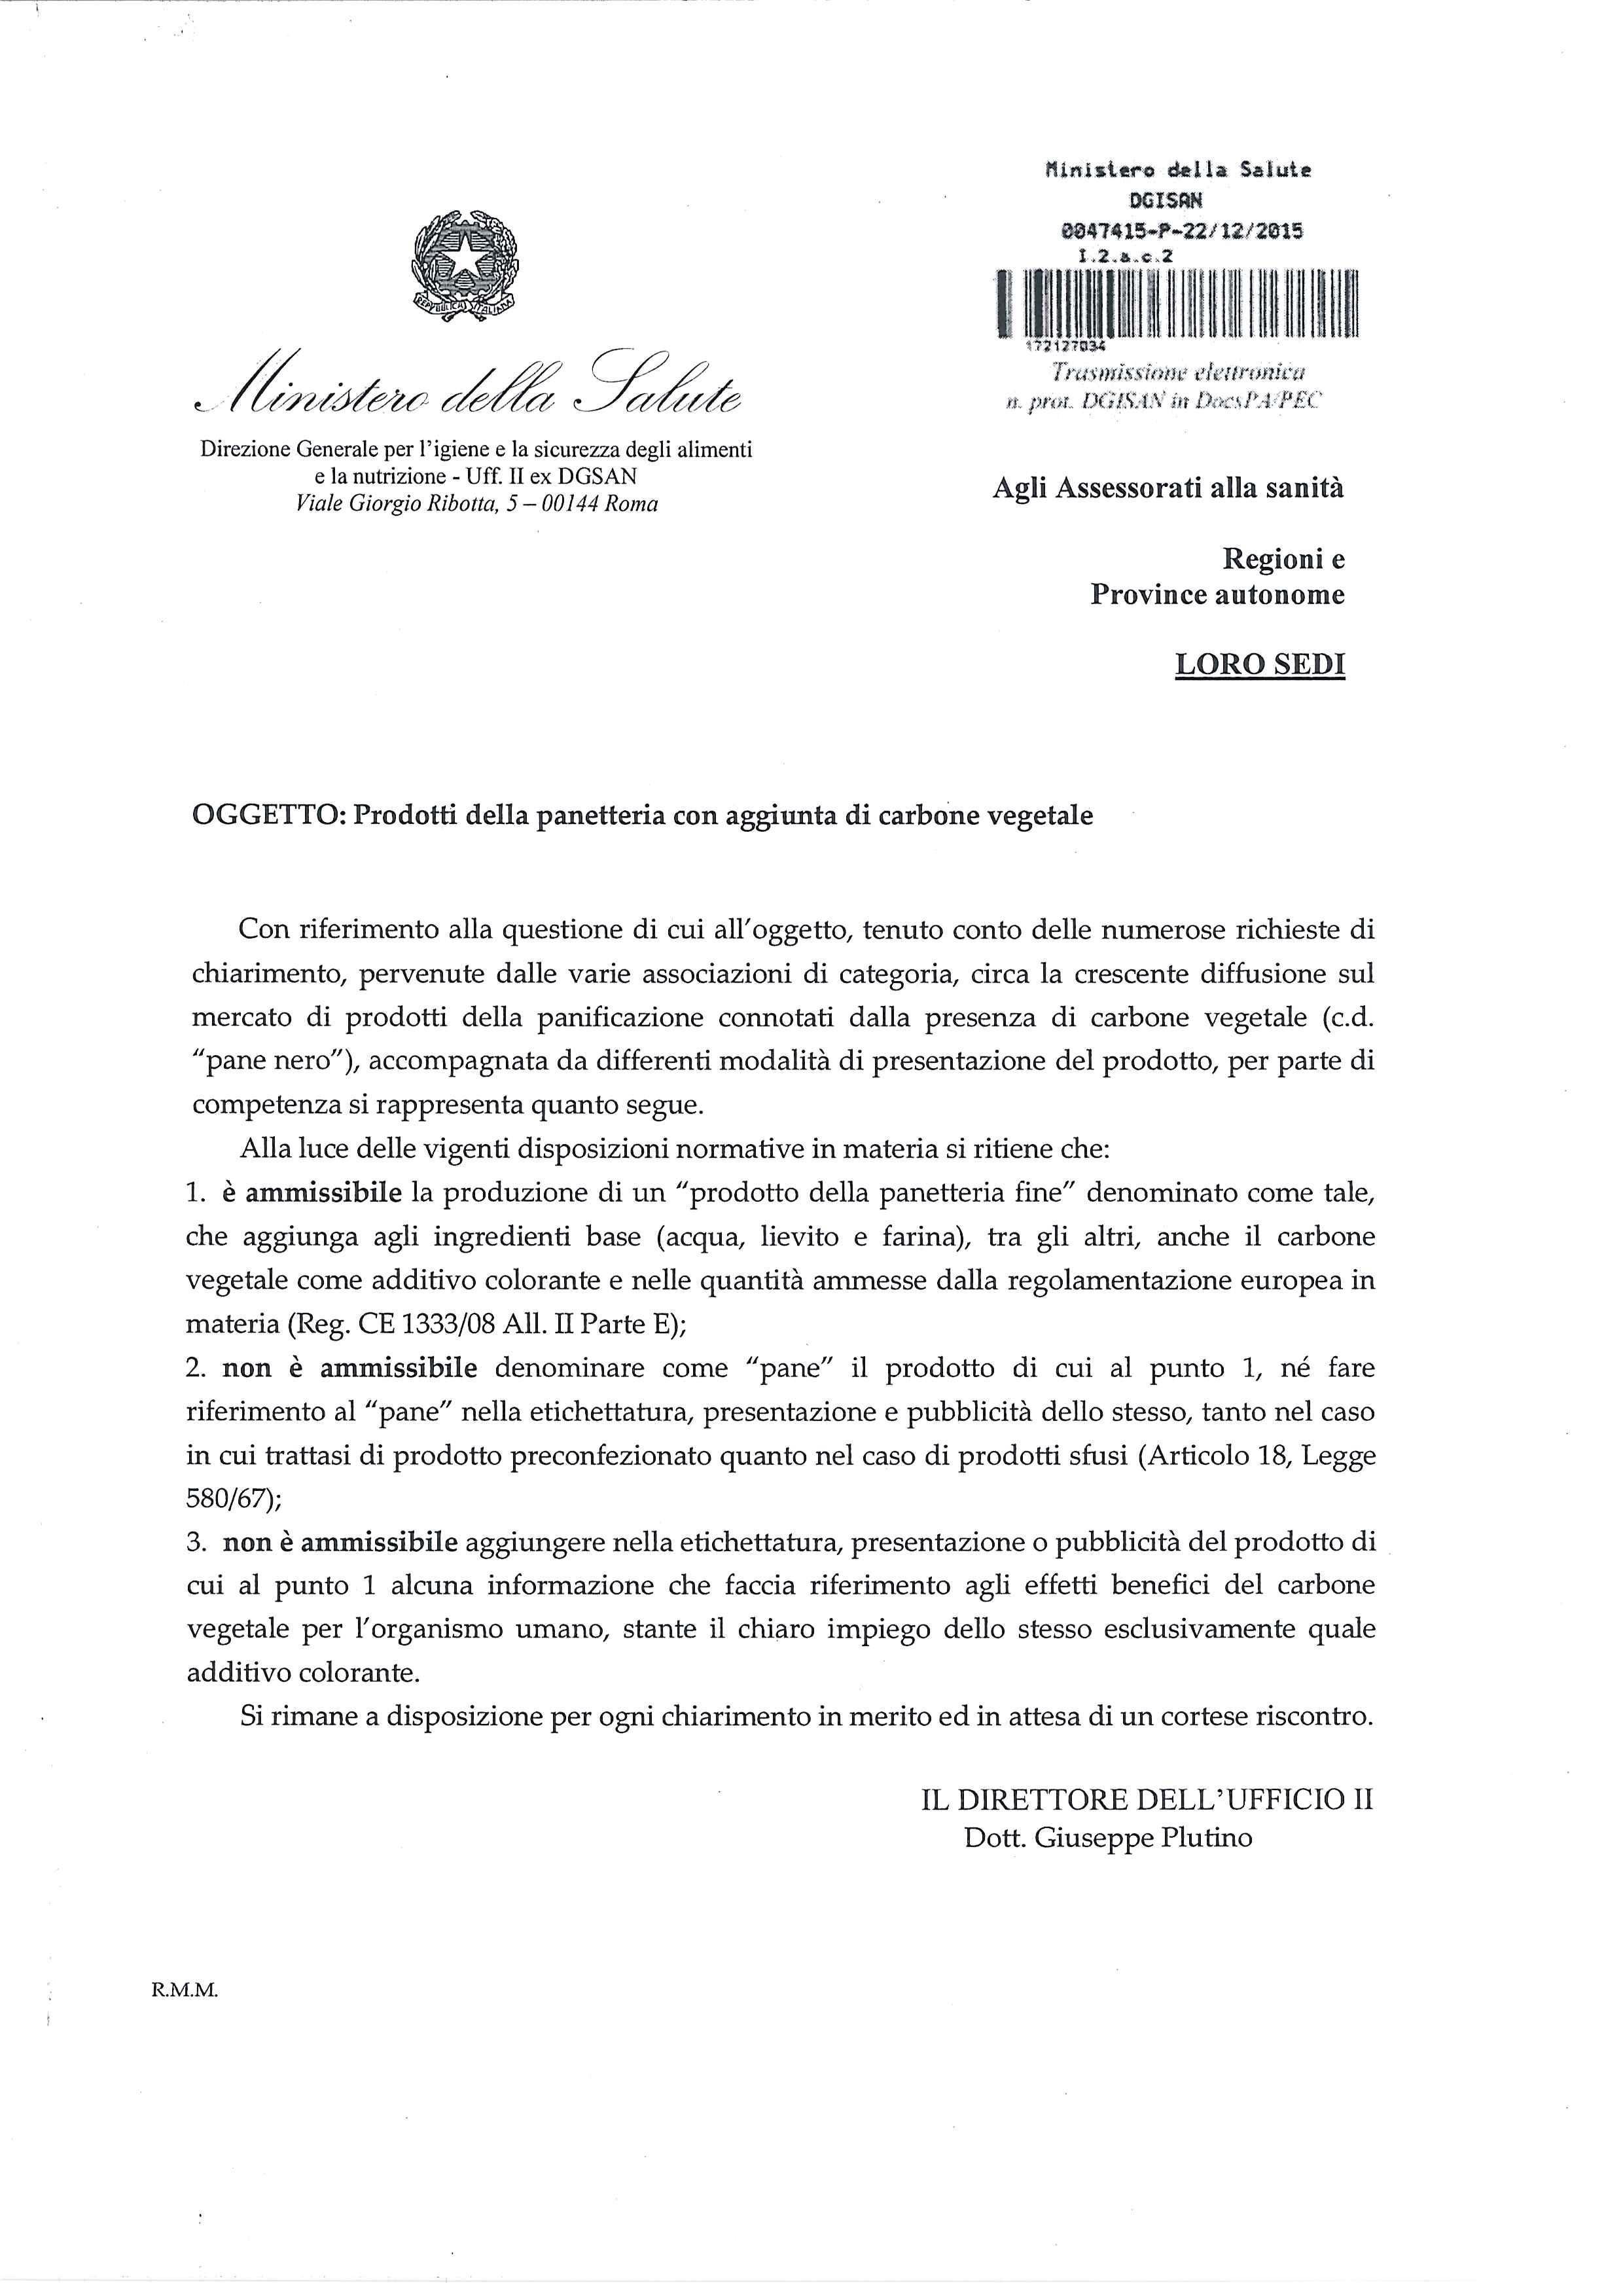 Nota Ministero della Salute n 47415  Molini Spigadoro